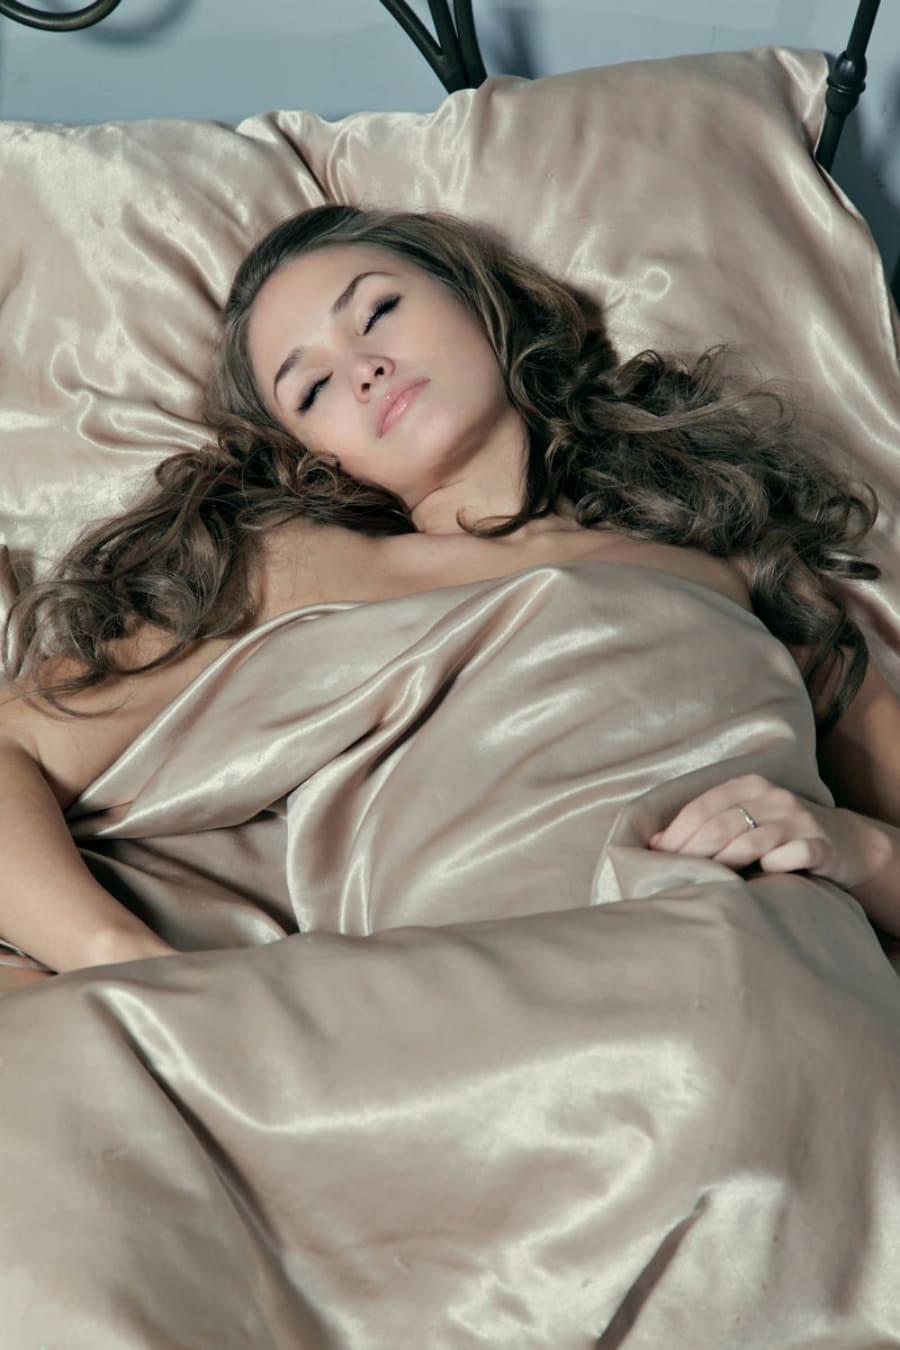 Спящая красивая голая девушка с длинным шикарным волосом сладко спит на кровати немного укрыта атласным покрывалом